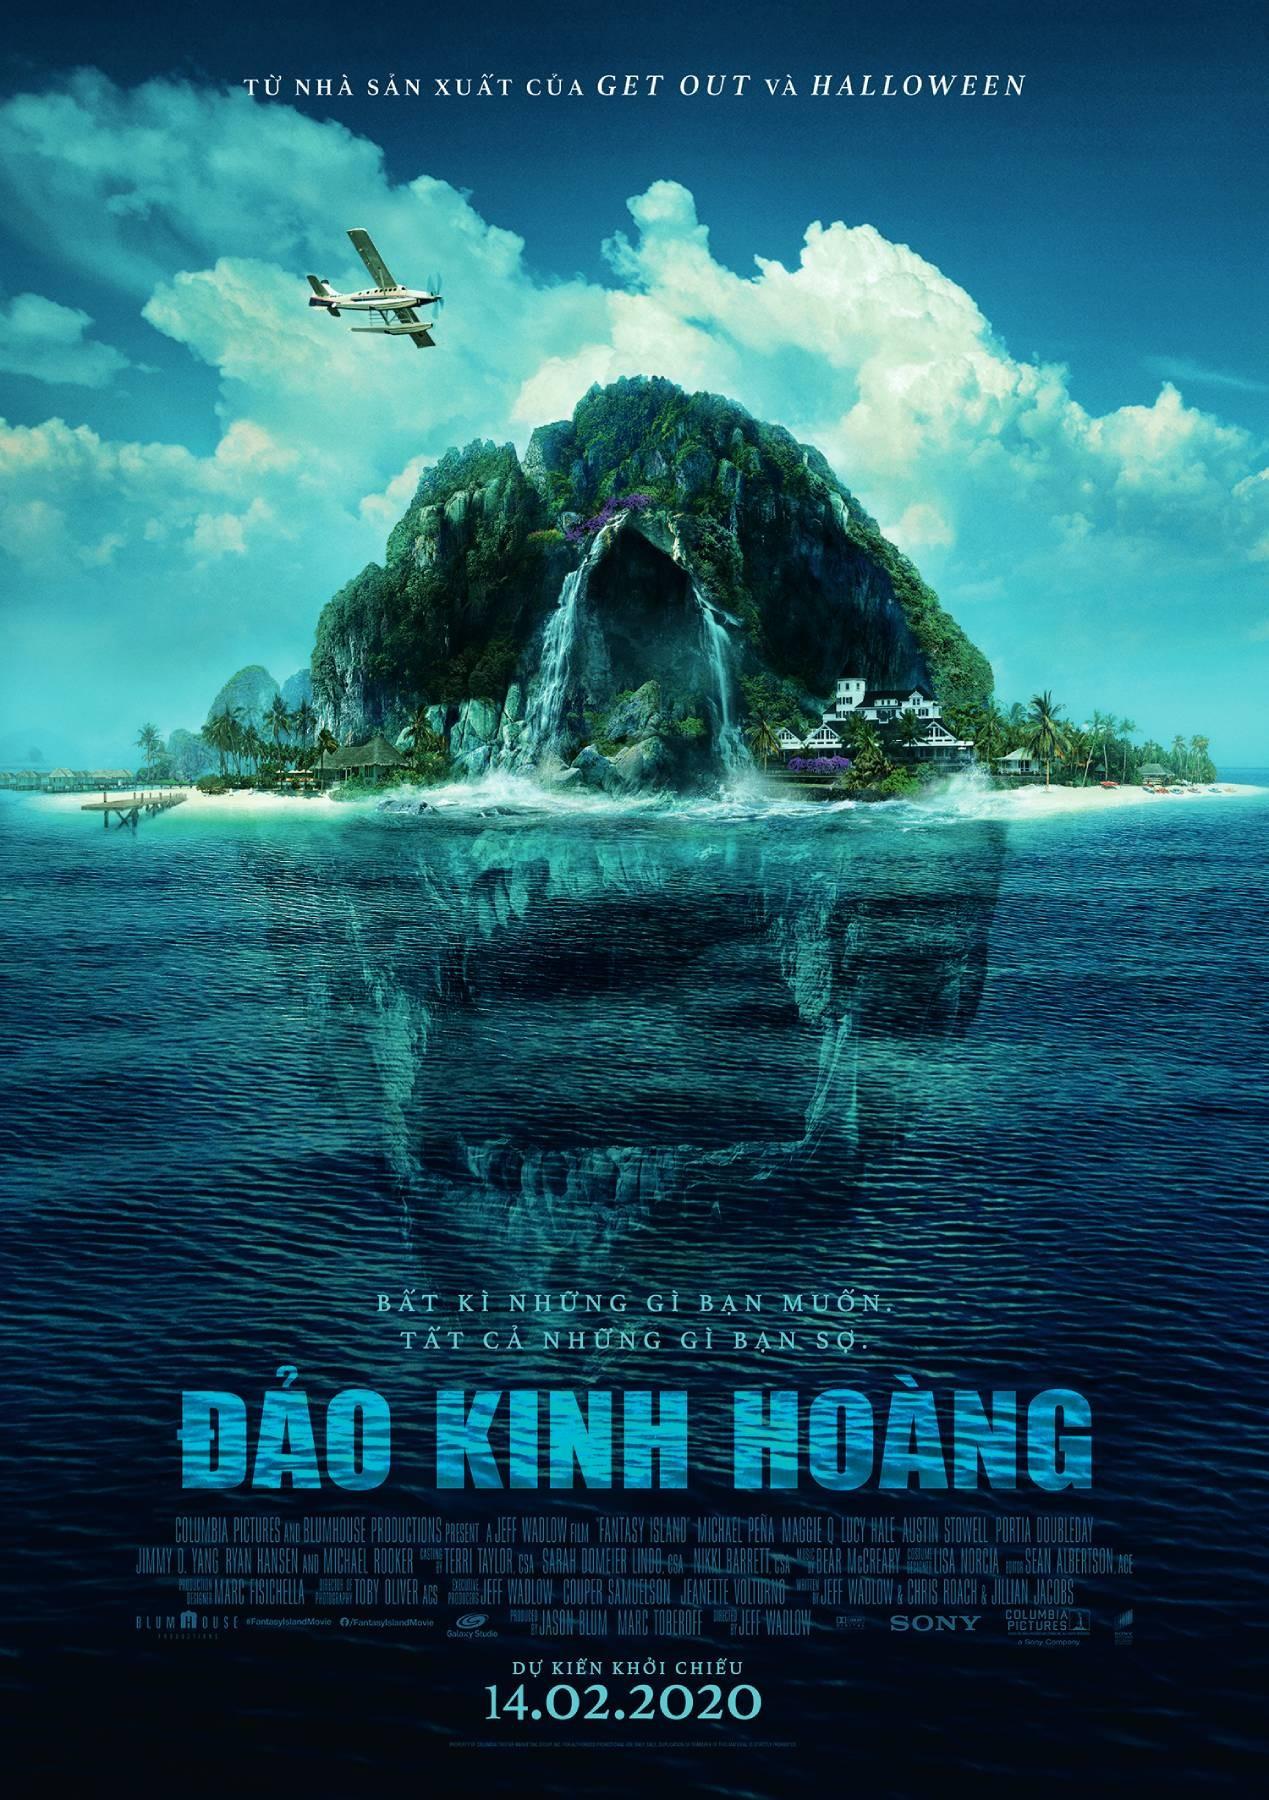 298 - Fantasy Island 2020 - Đảo Kinh Hoàng